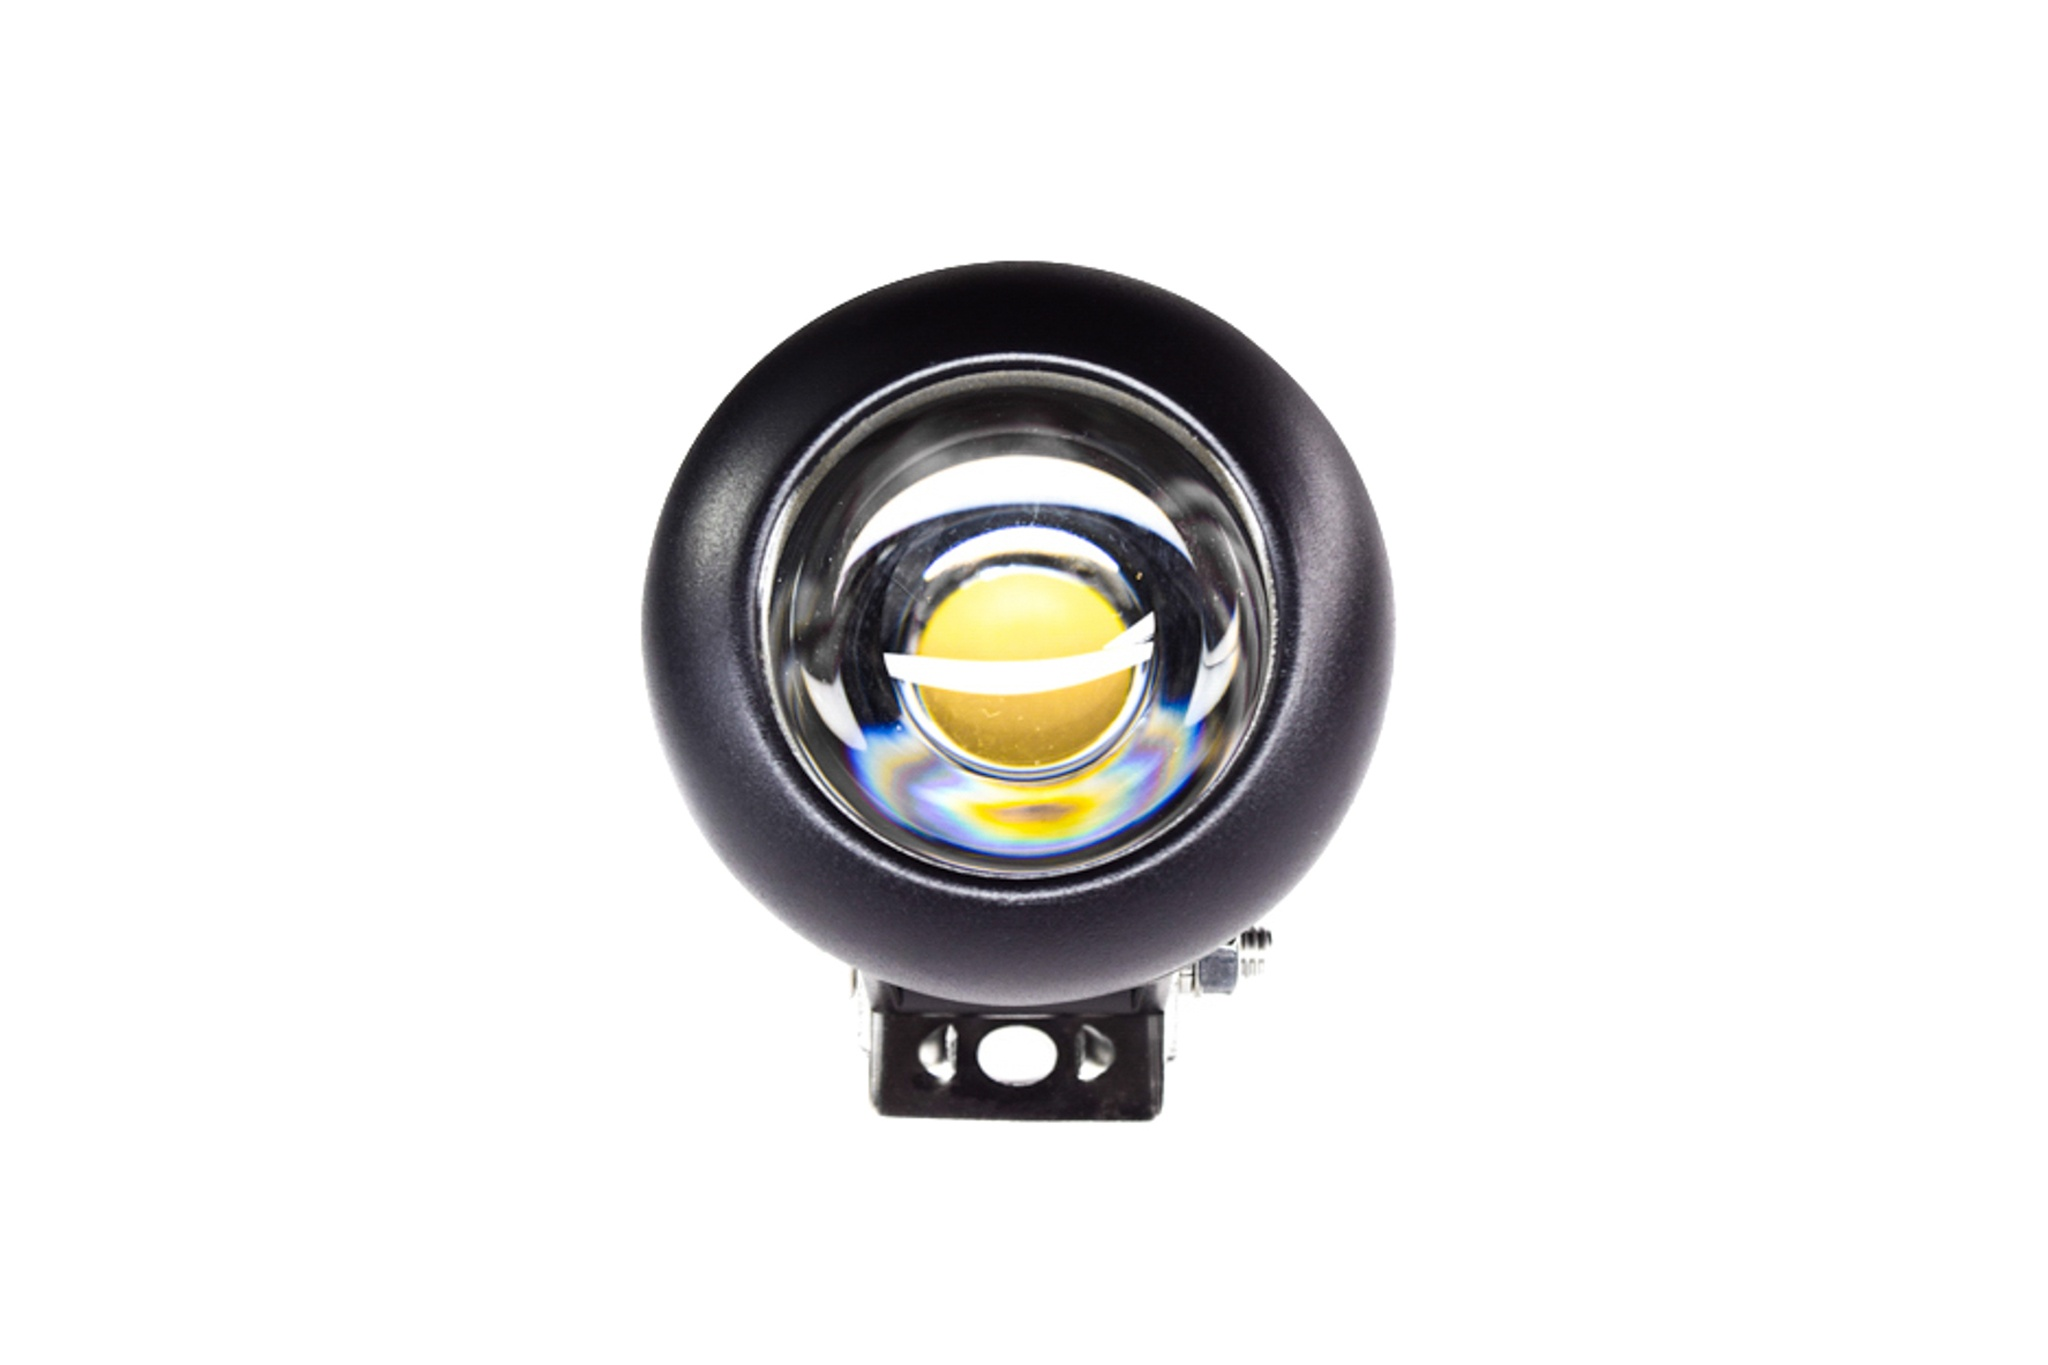 VX517 LED Spot Light